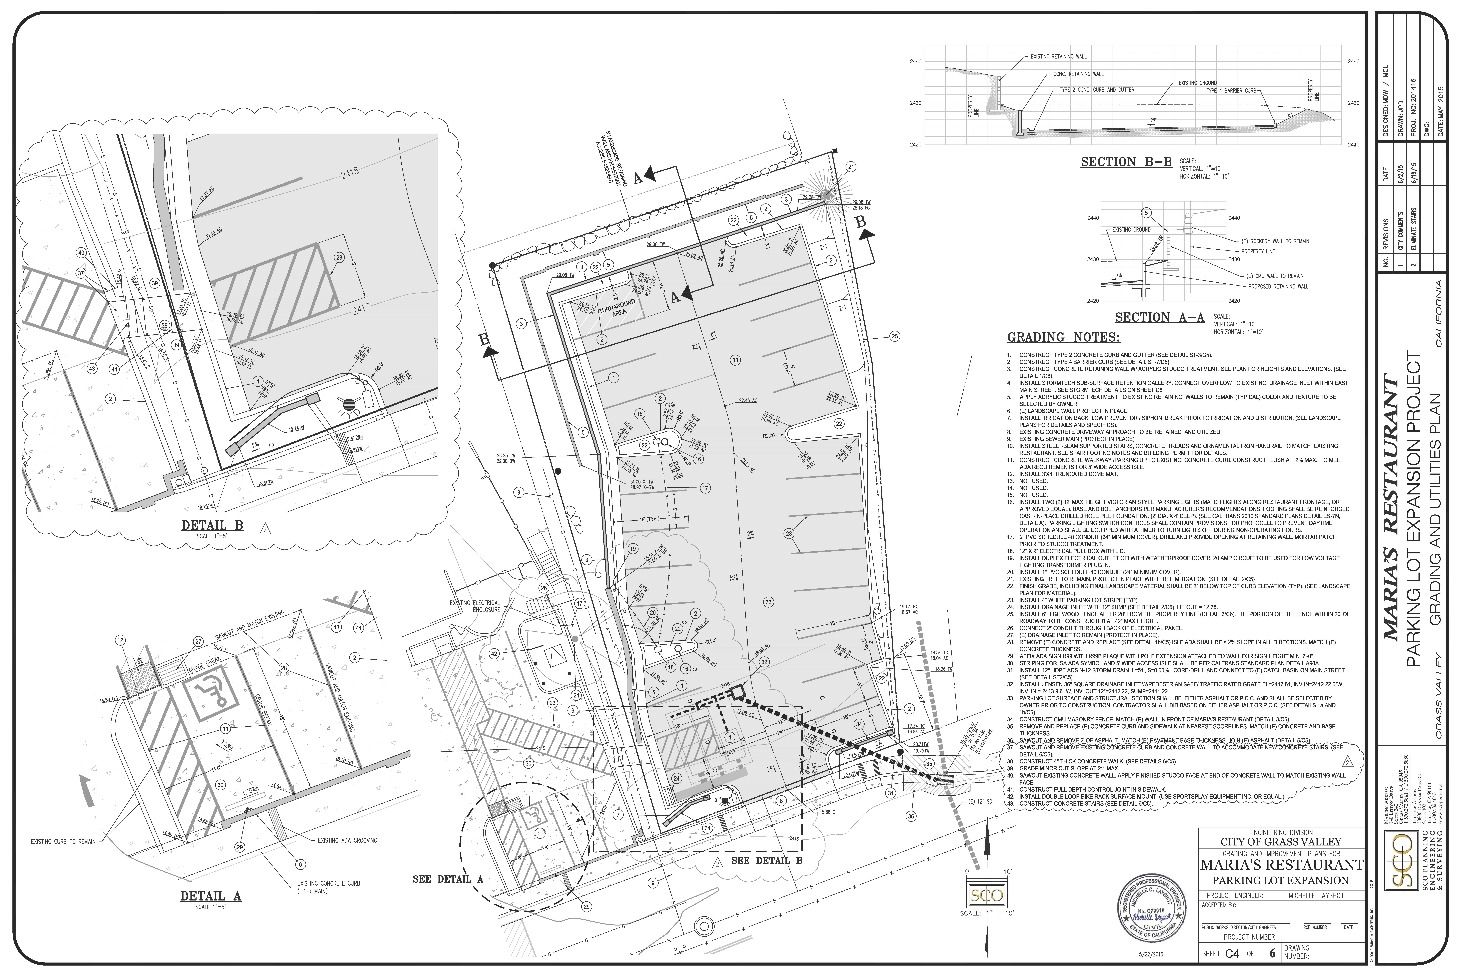 Maria's Parking Lot Plan Sheet